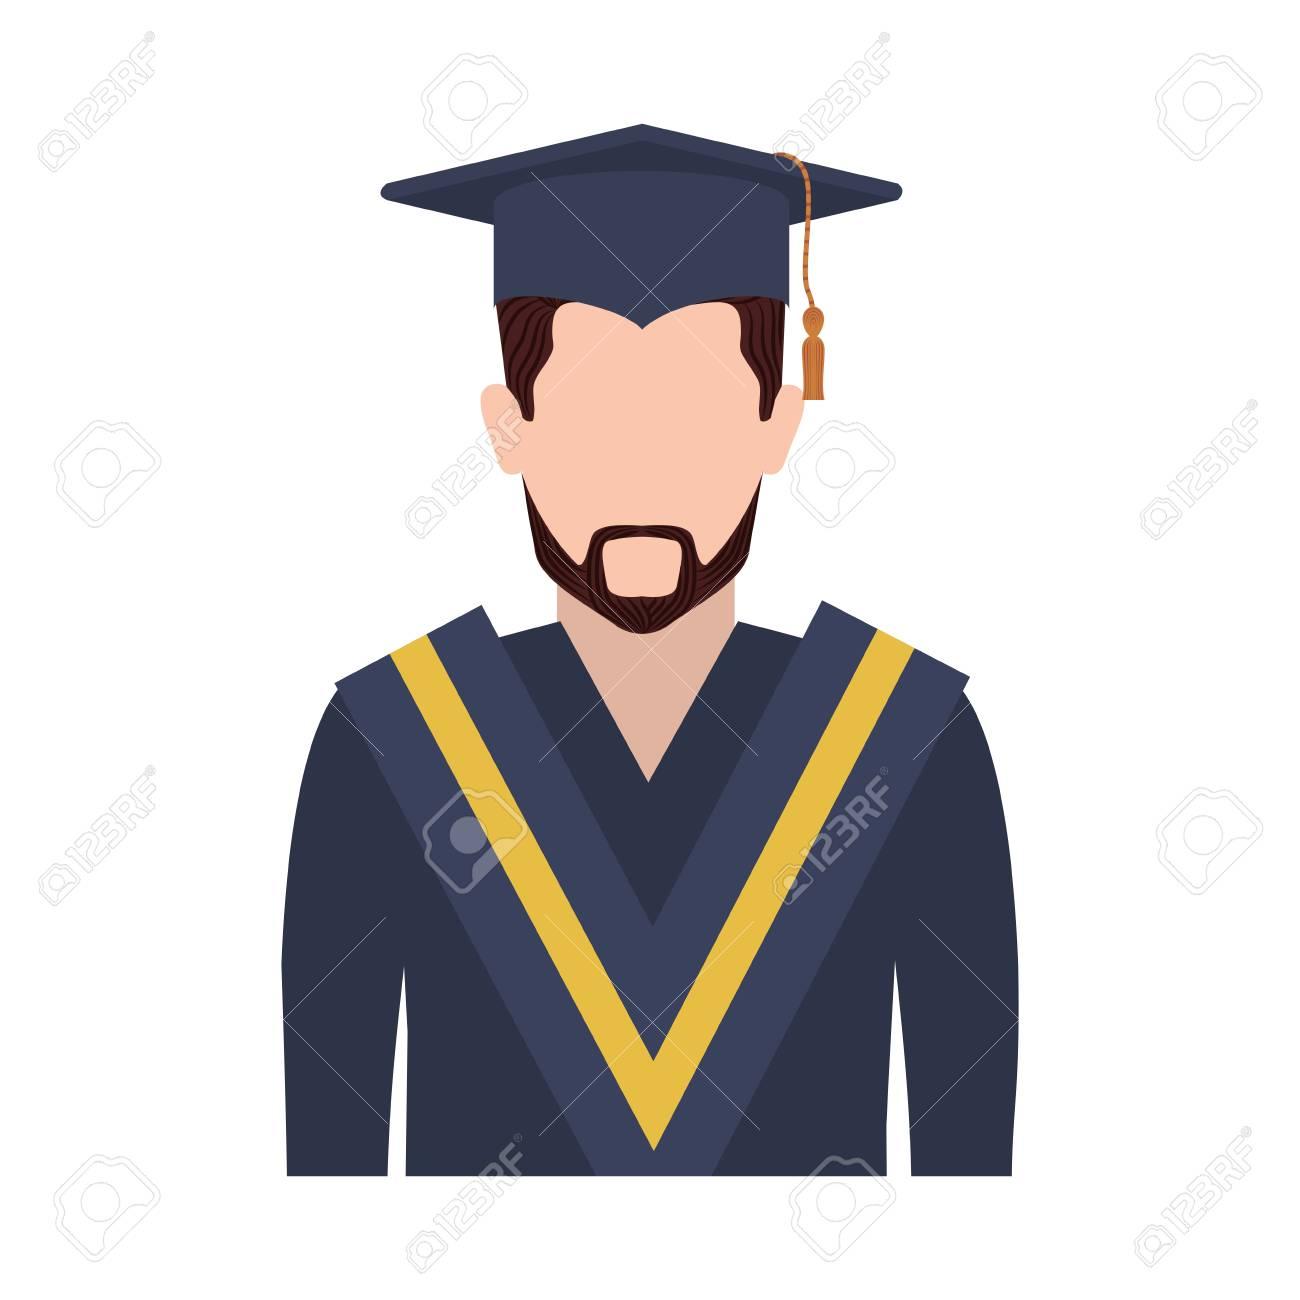 d4f507583 Foto de archivo - Hombre de medio cuerpo con traje de graduación con la  ilustración del vector de la barba